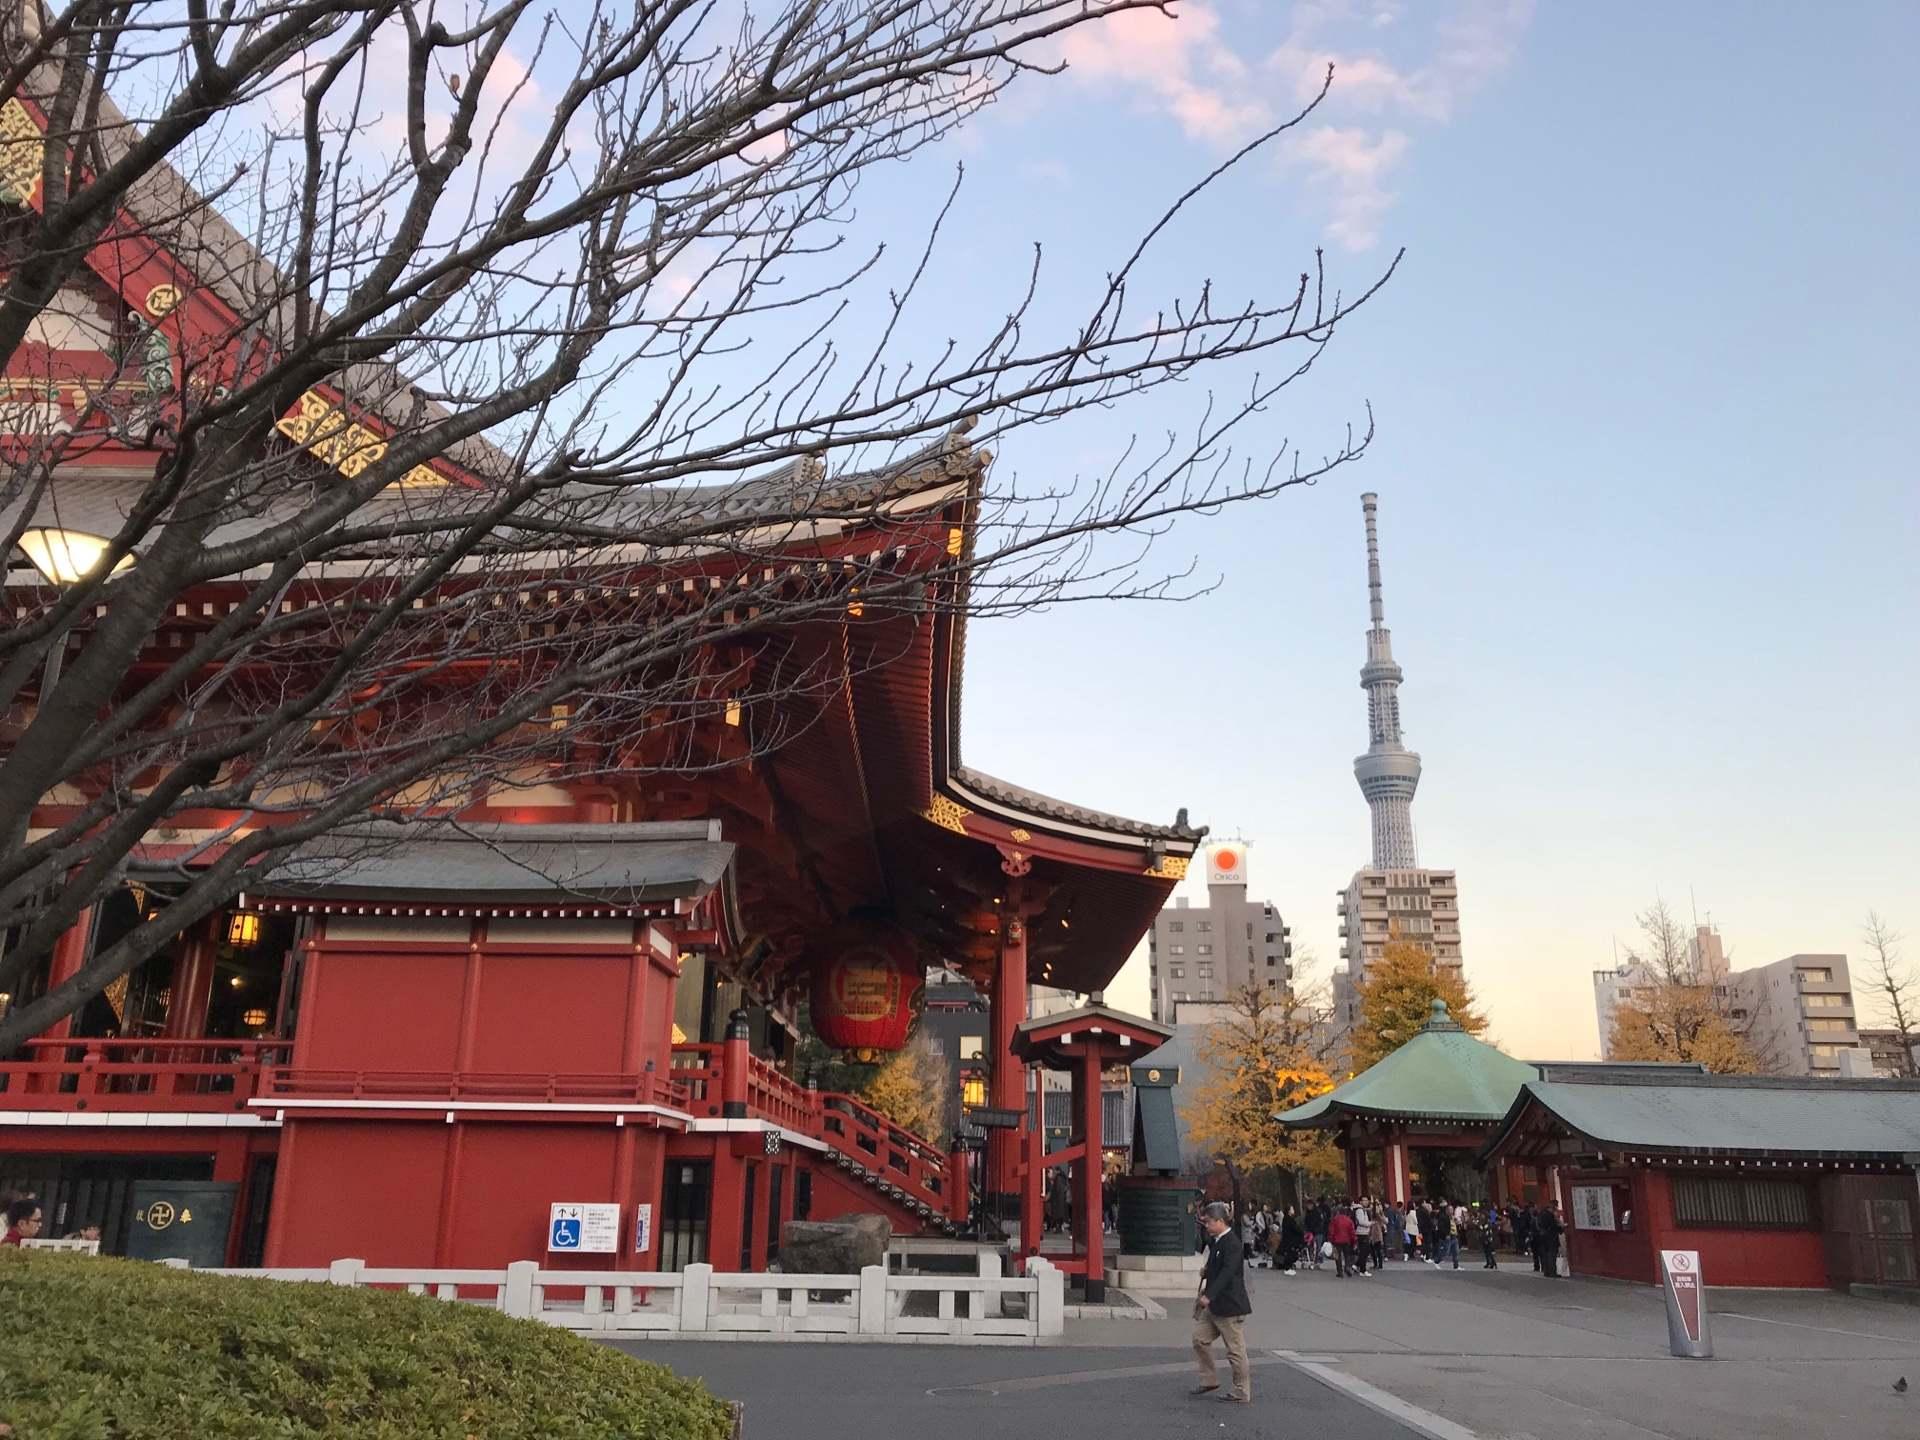 传统文化与现代科技完美融合的美丽景致